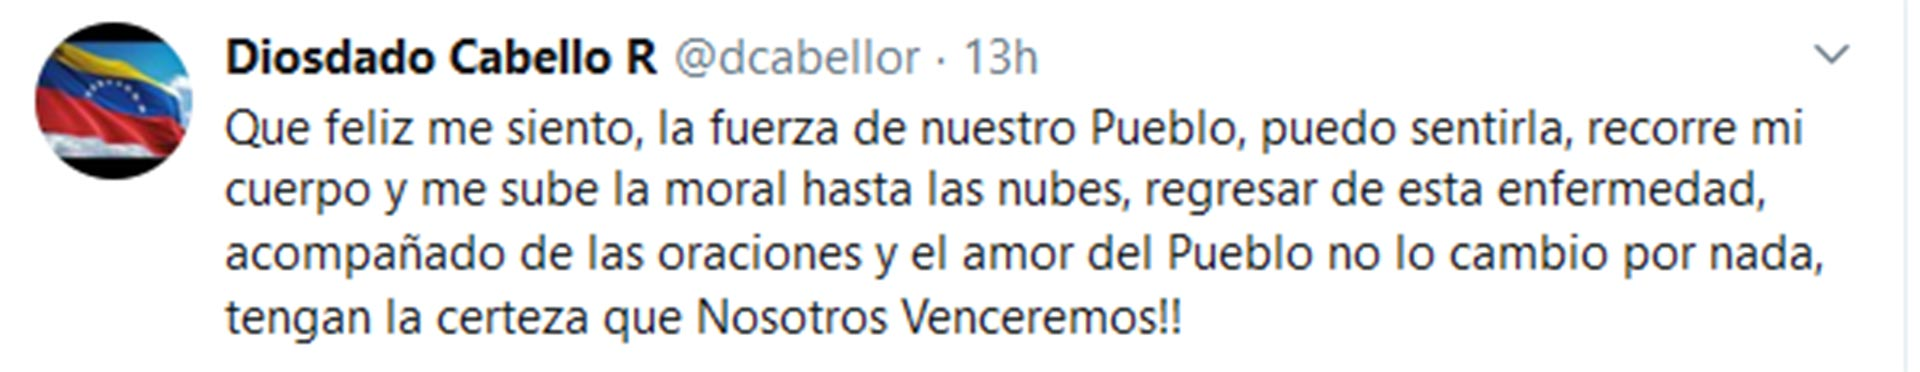 El tuit de Diosdado Cabello luego de haber hablado por teléfono con Maduro